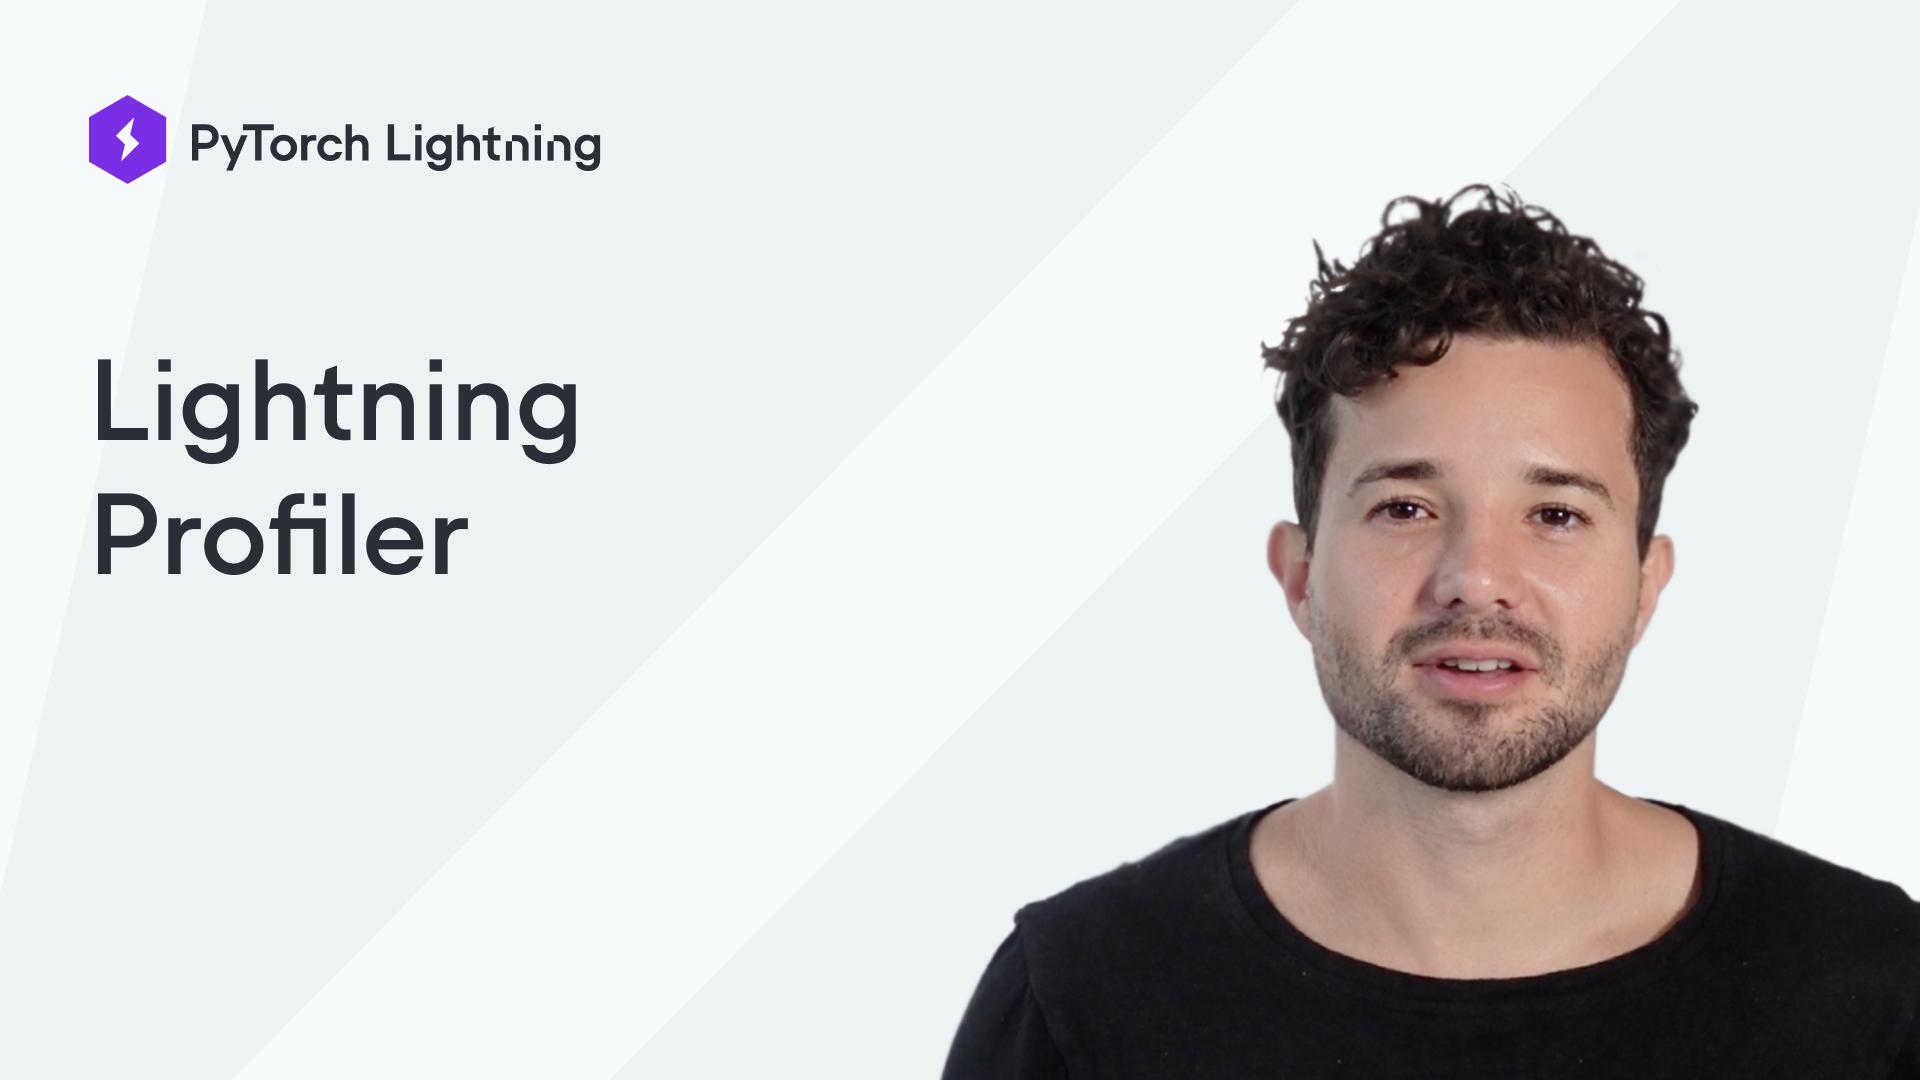 Lightning Profiler